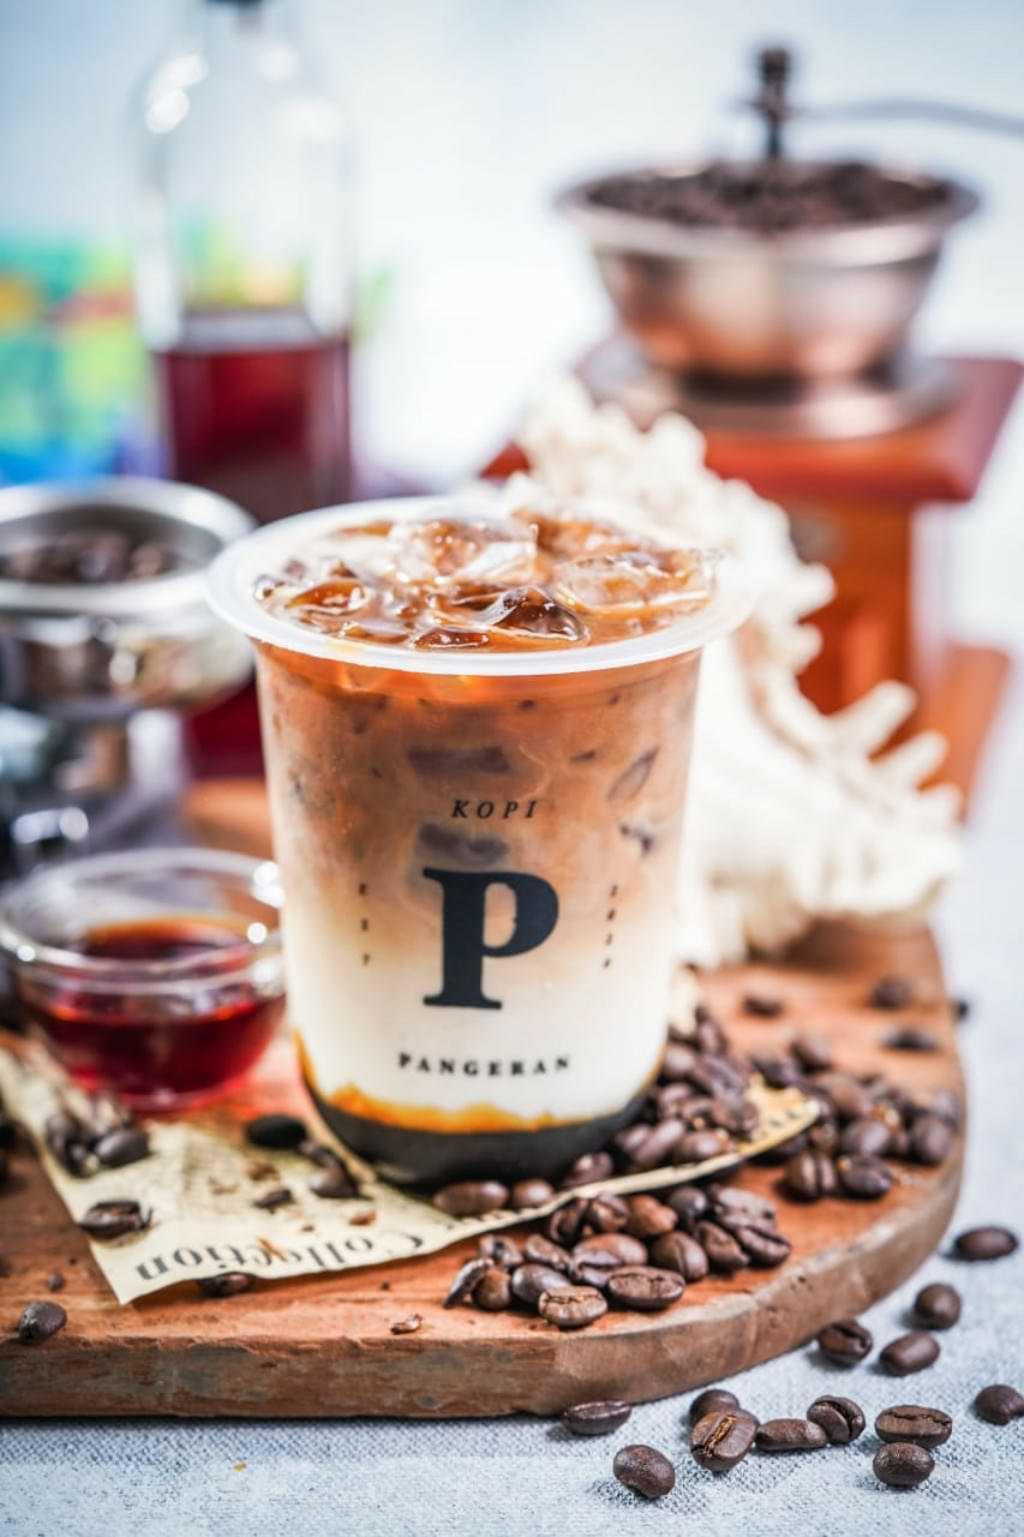 Kopi Pangeran, Es Kopi Susu Kekinian di Seminyak Bali 2